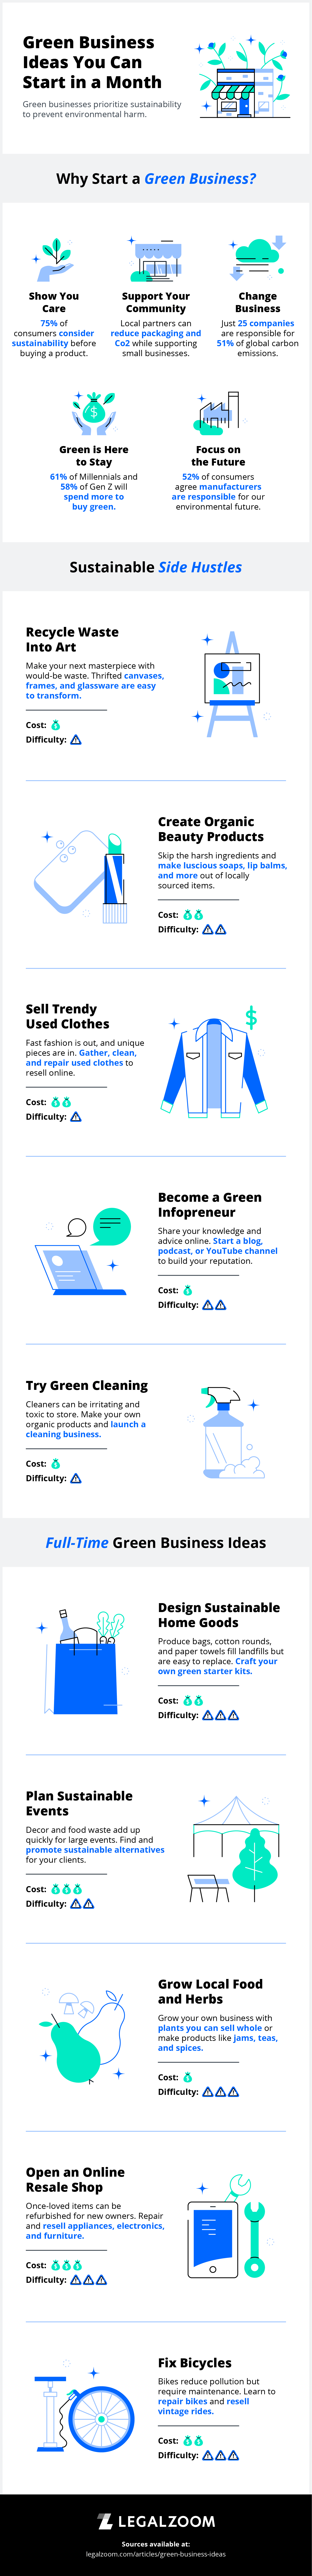 Green Business Ideas for Aspiring Entrepreneurs